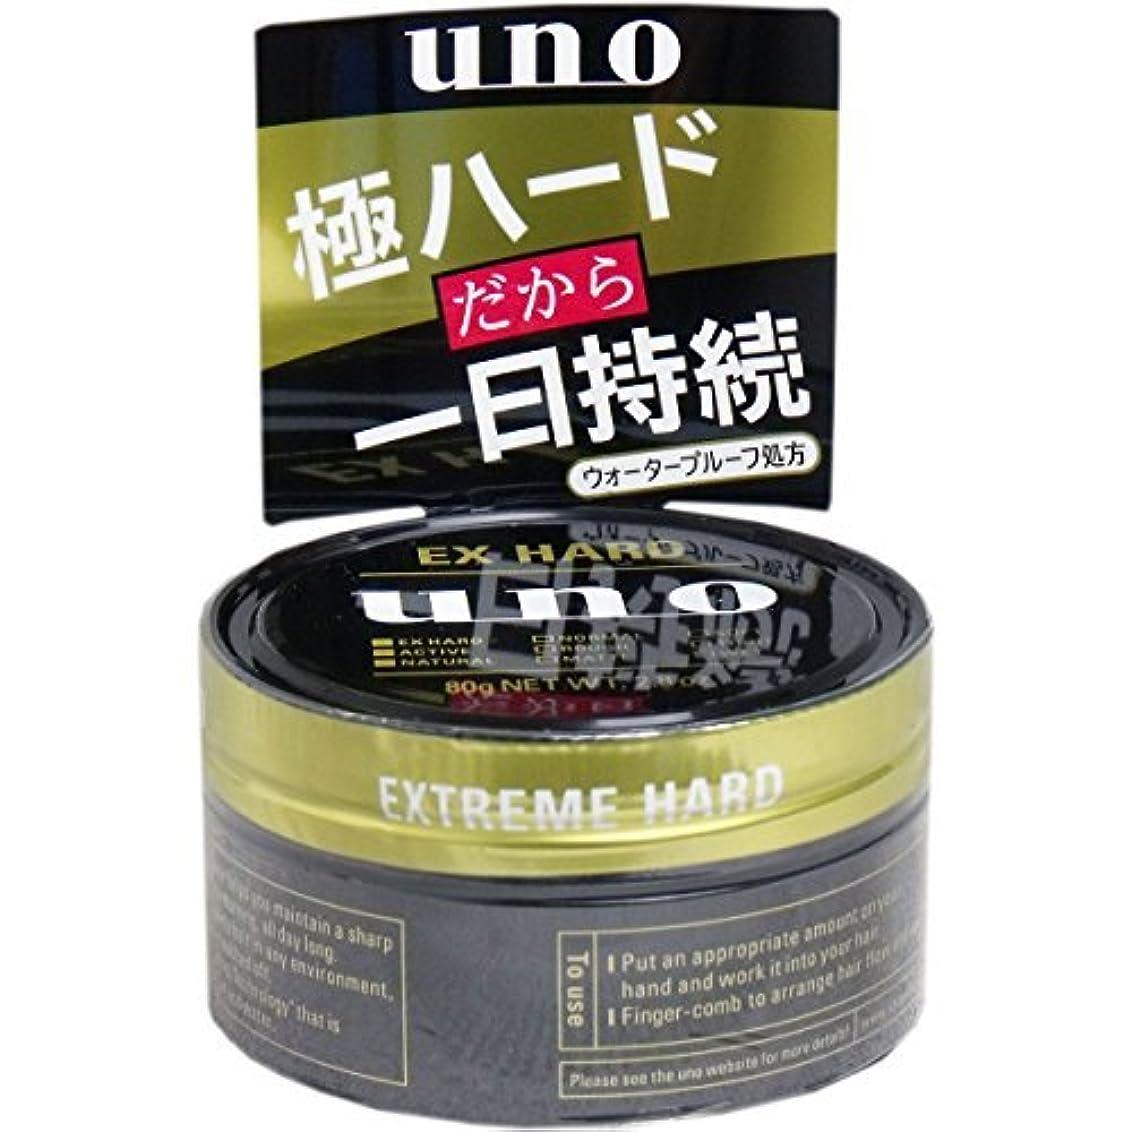 部分思いやりのある発生するUNO(ウーノ) エクストリームハード 整髪料 80g